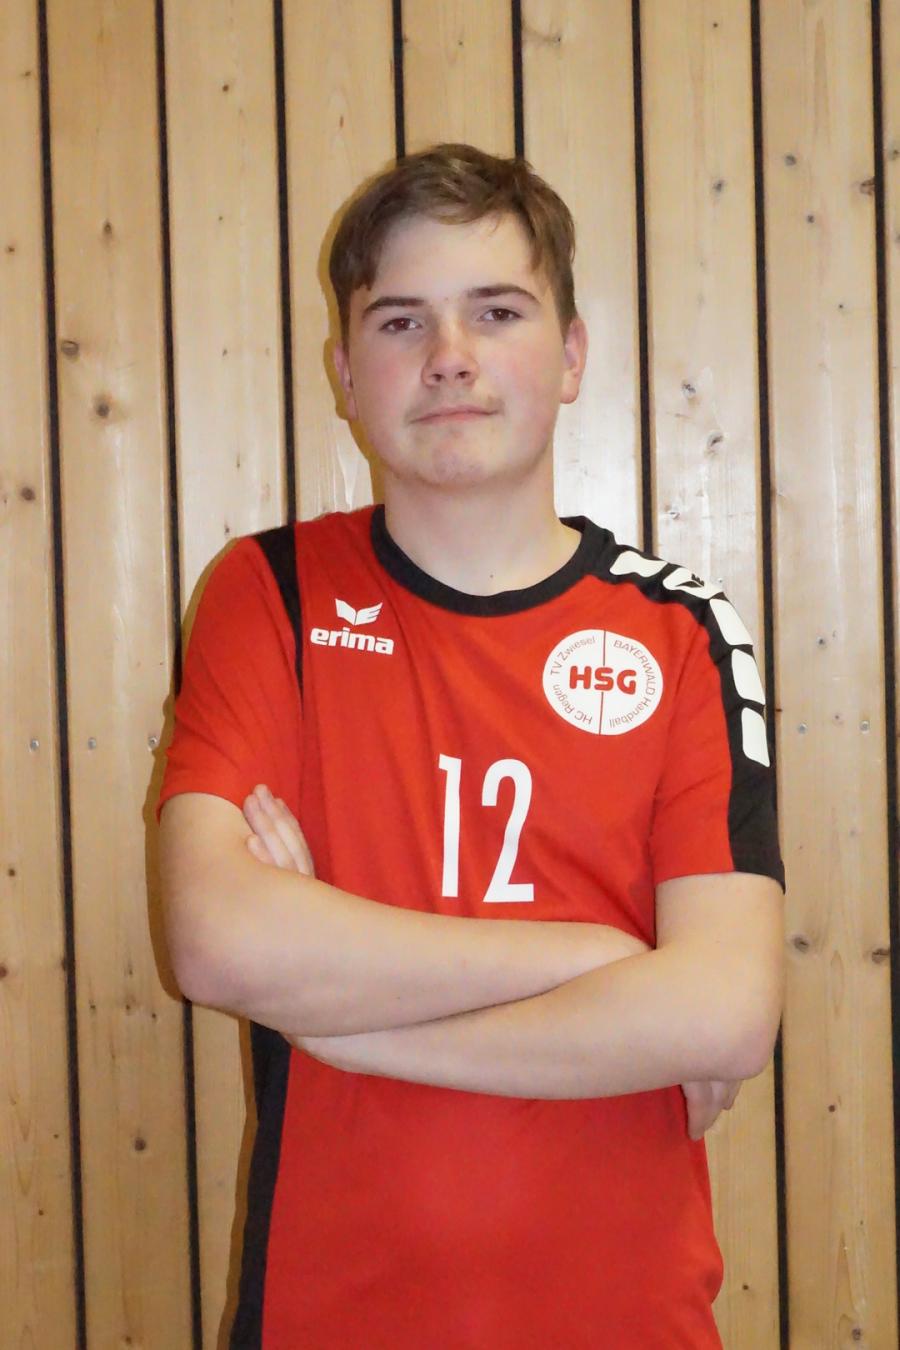 Hsg Bayerwald